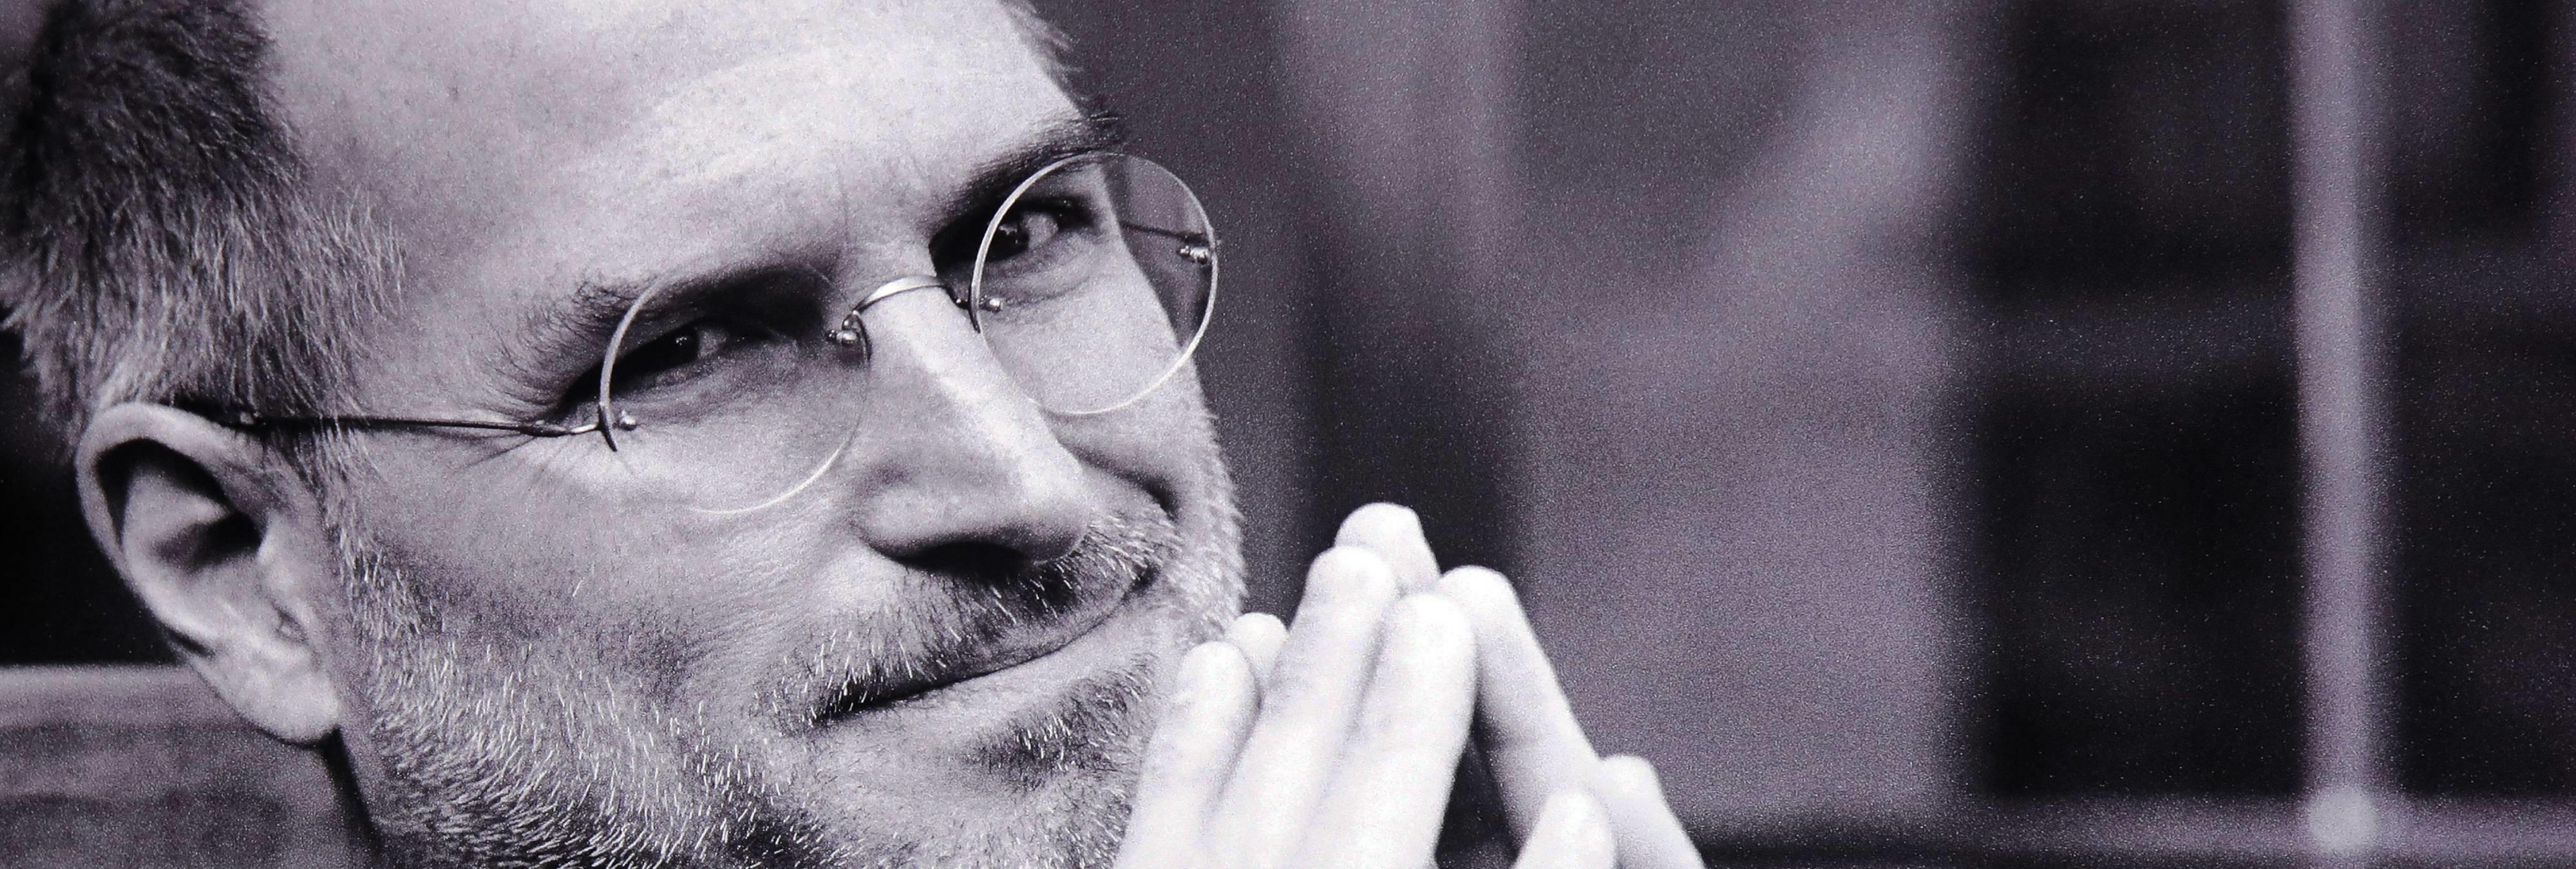 """Bill Gates carga contra Steve Jobs: """"Era un imbécil capaz de hechizar a la gente"""""""